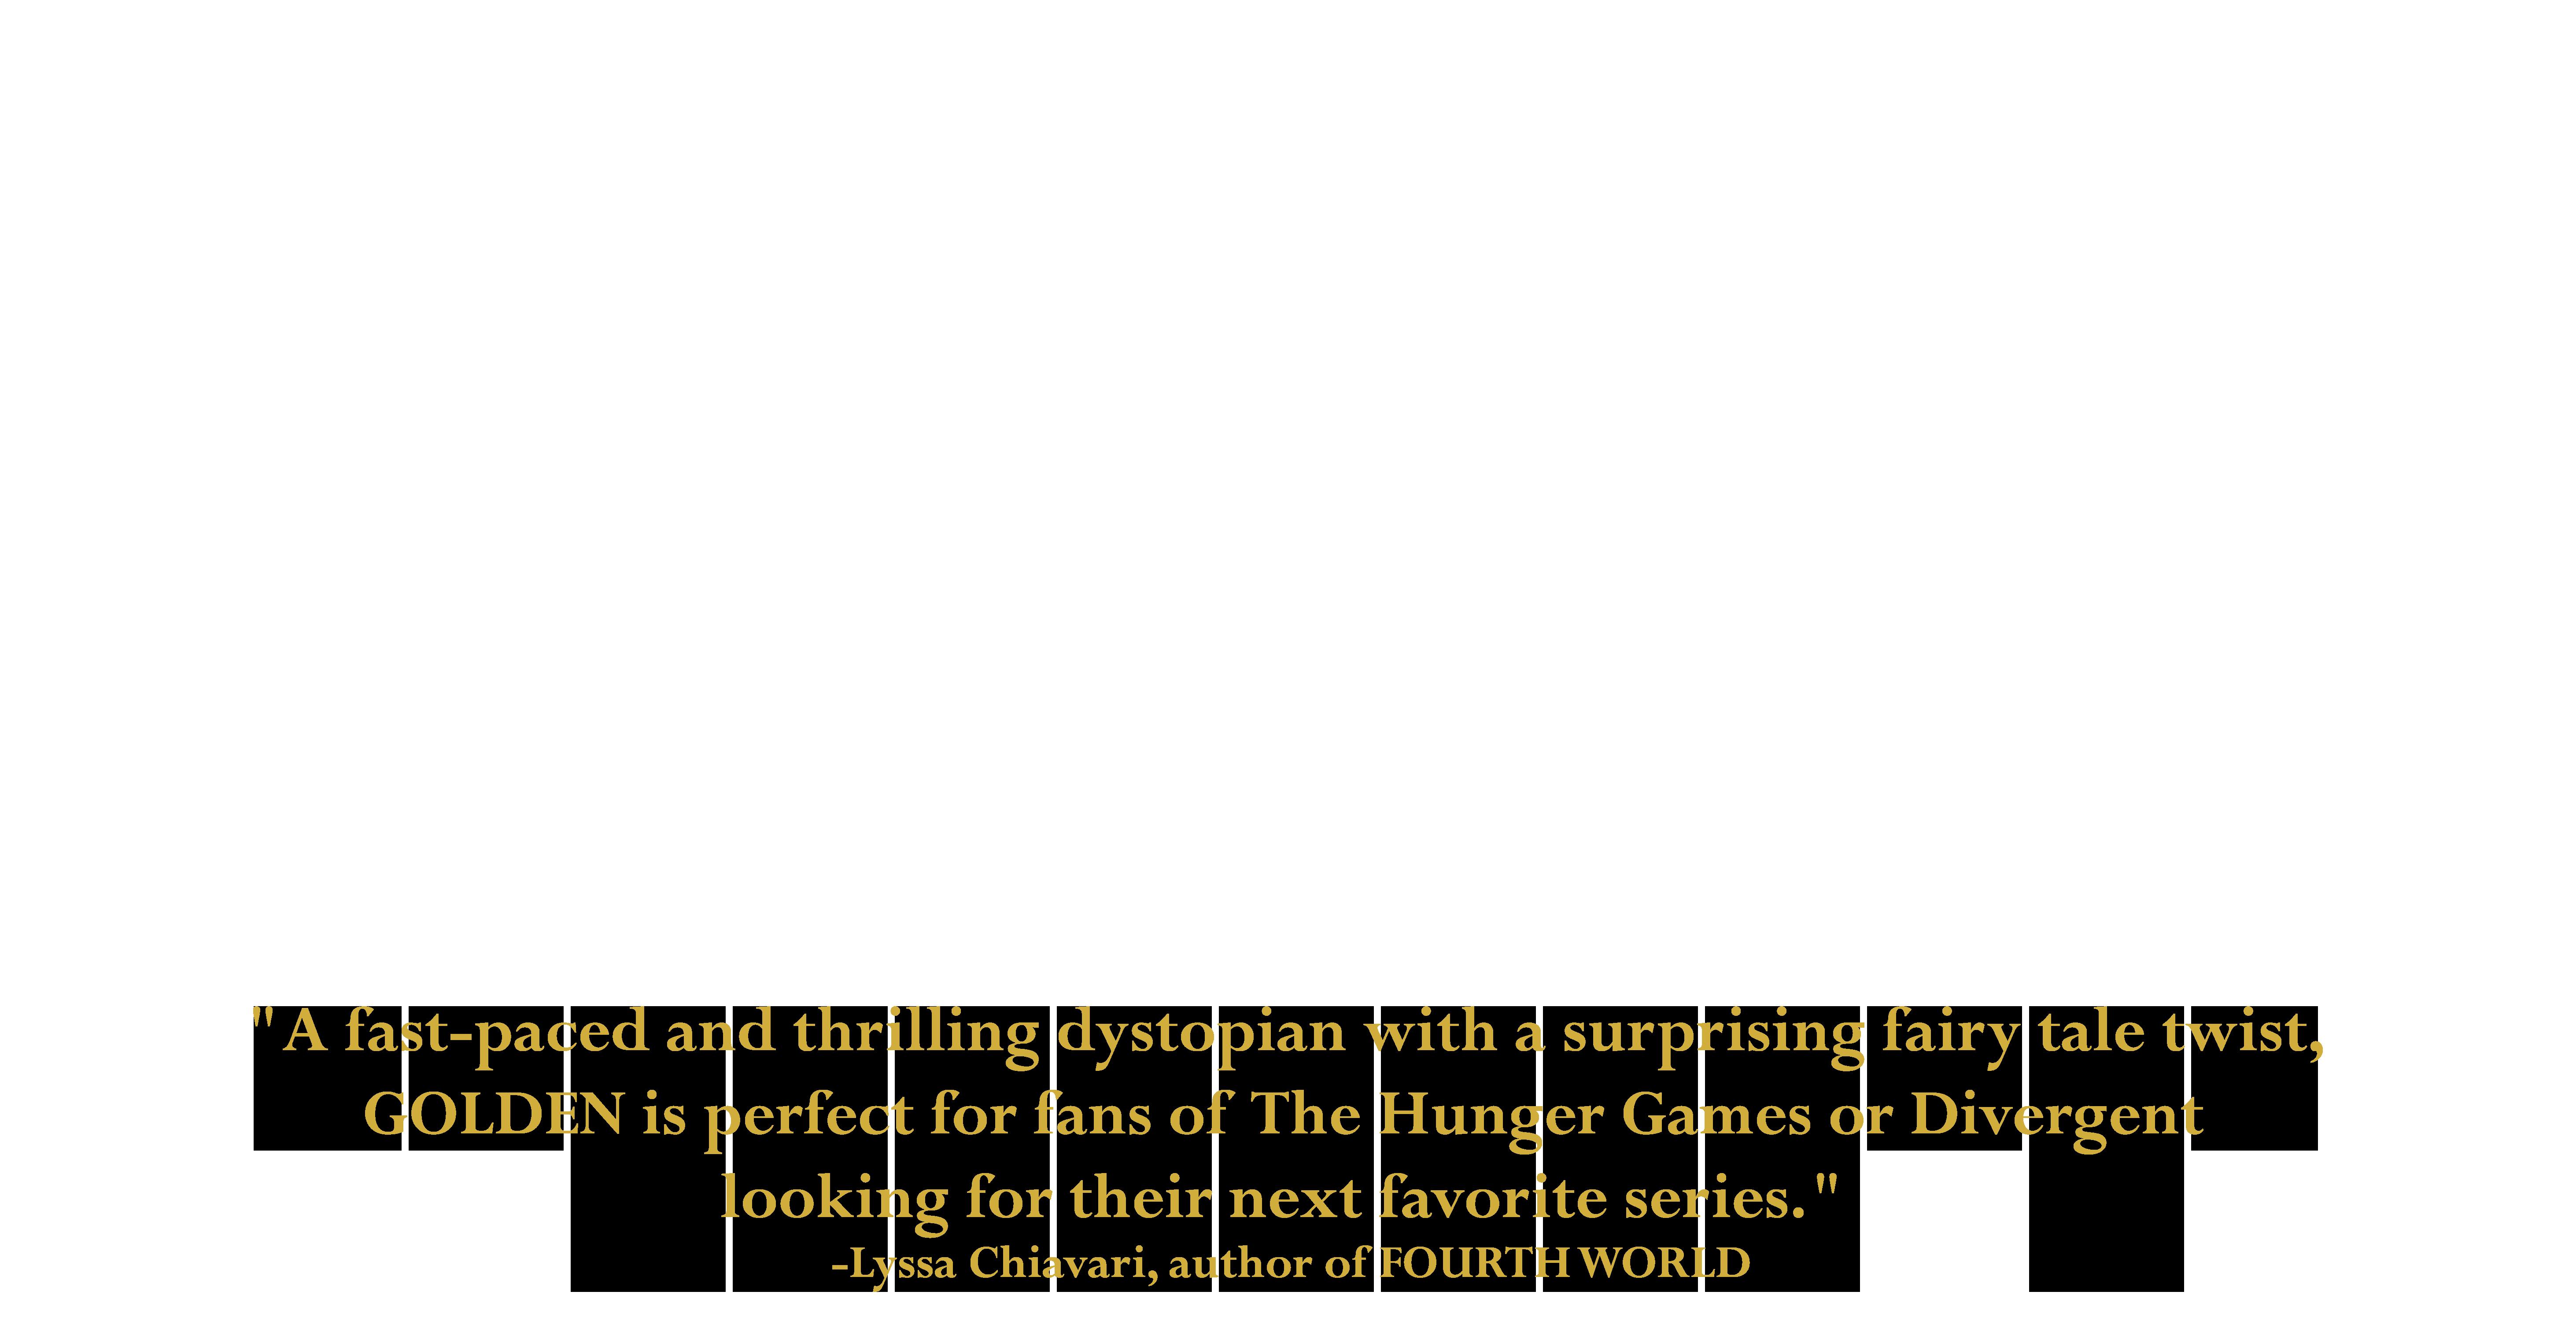 golden quote for website-lyssa